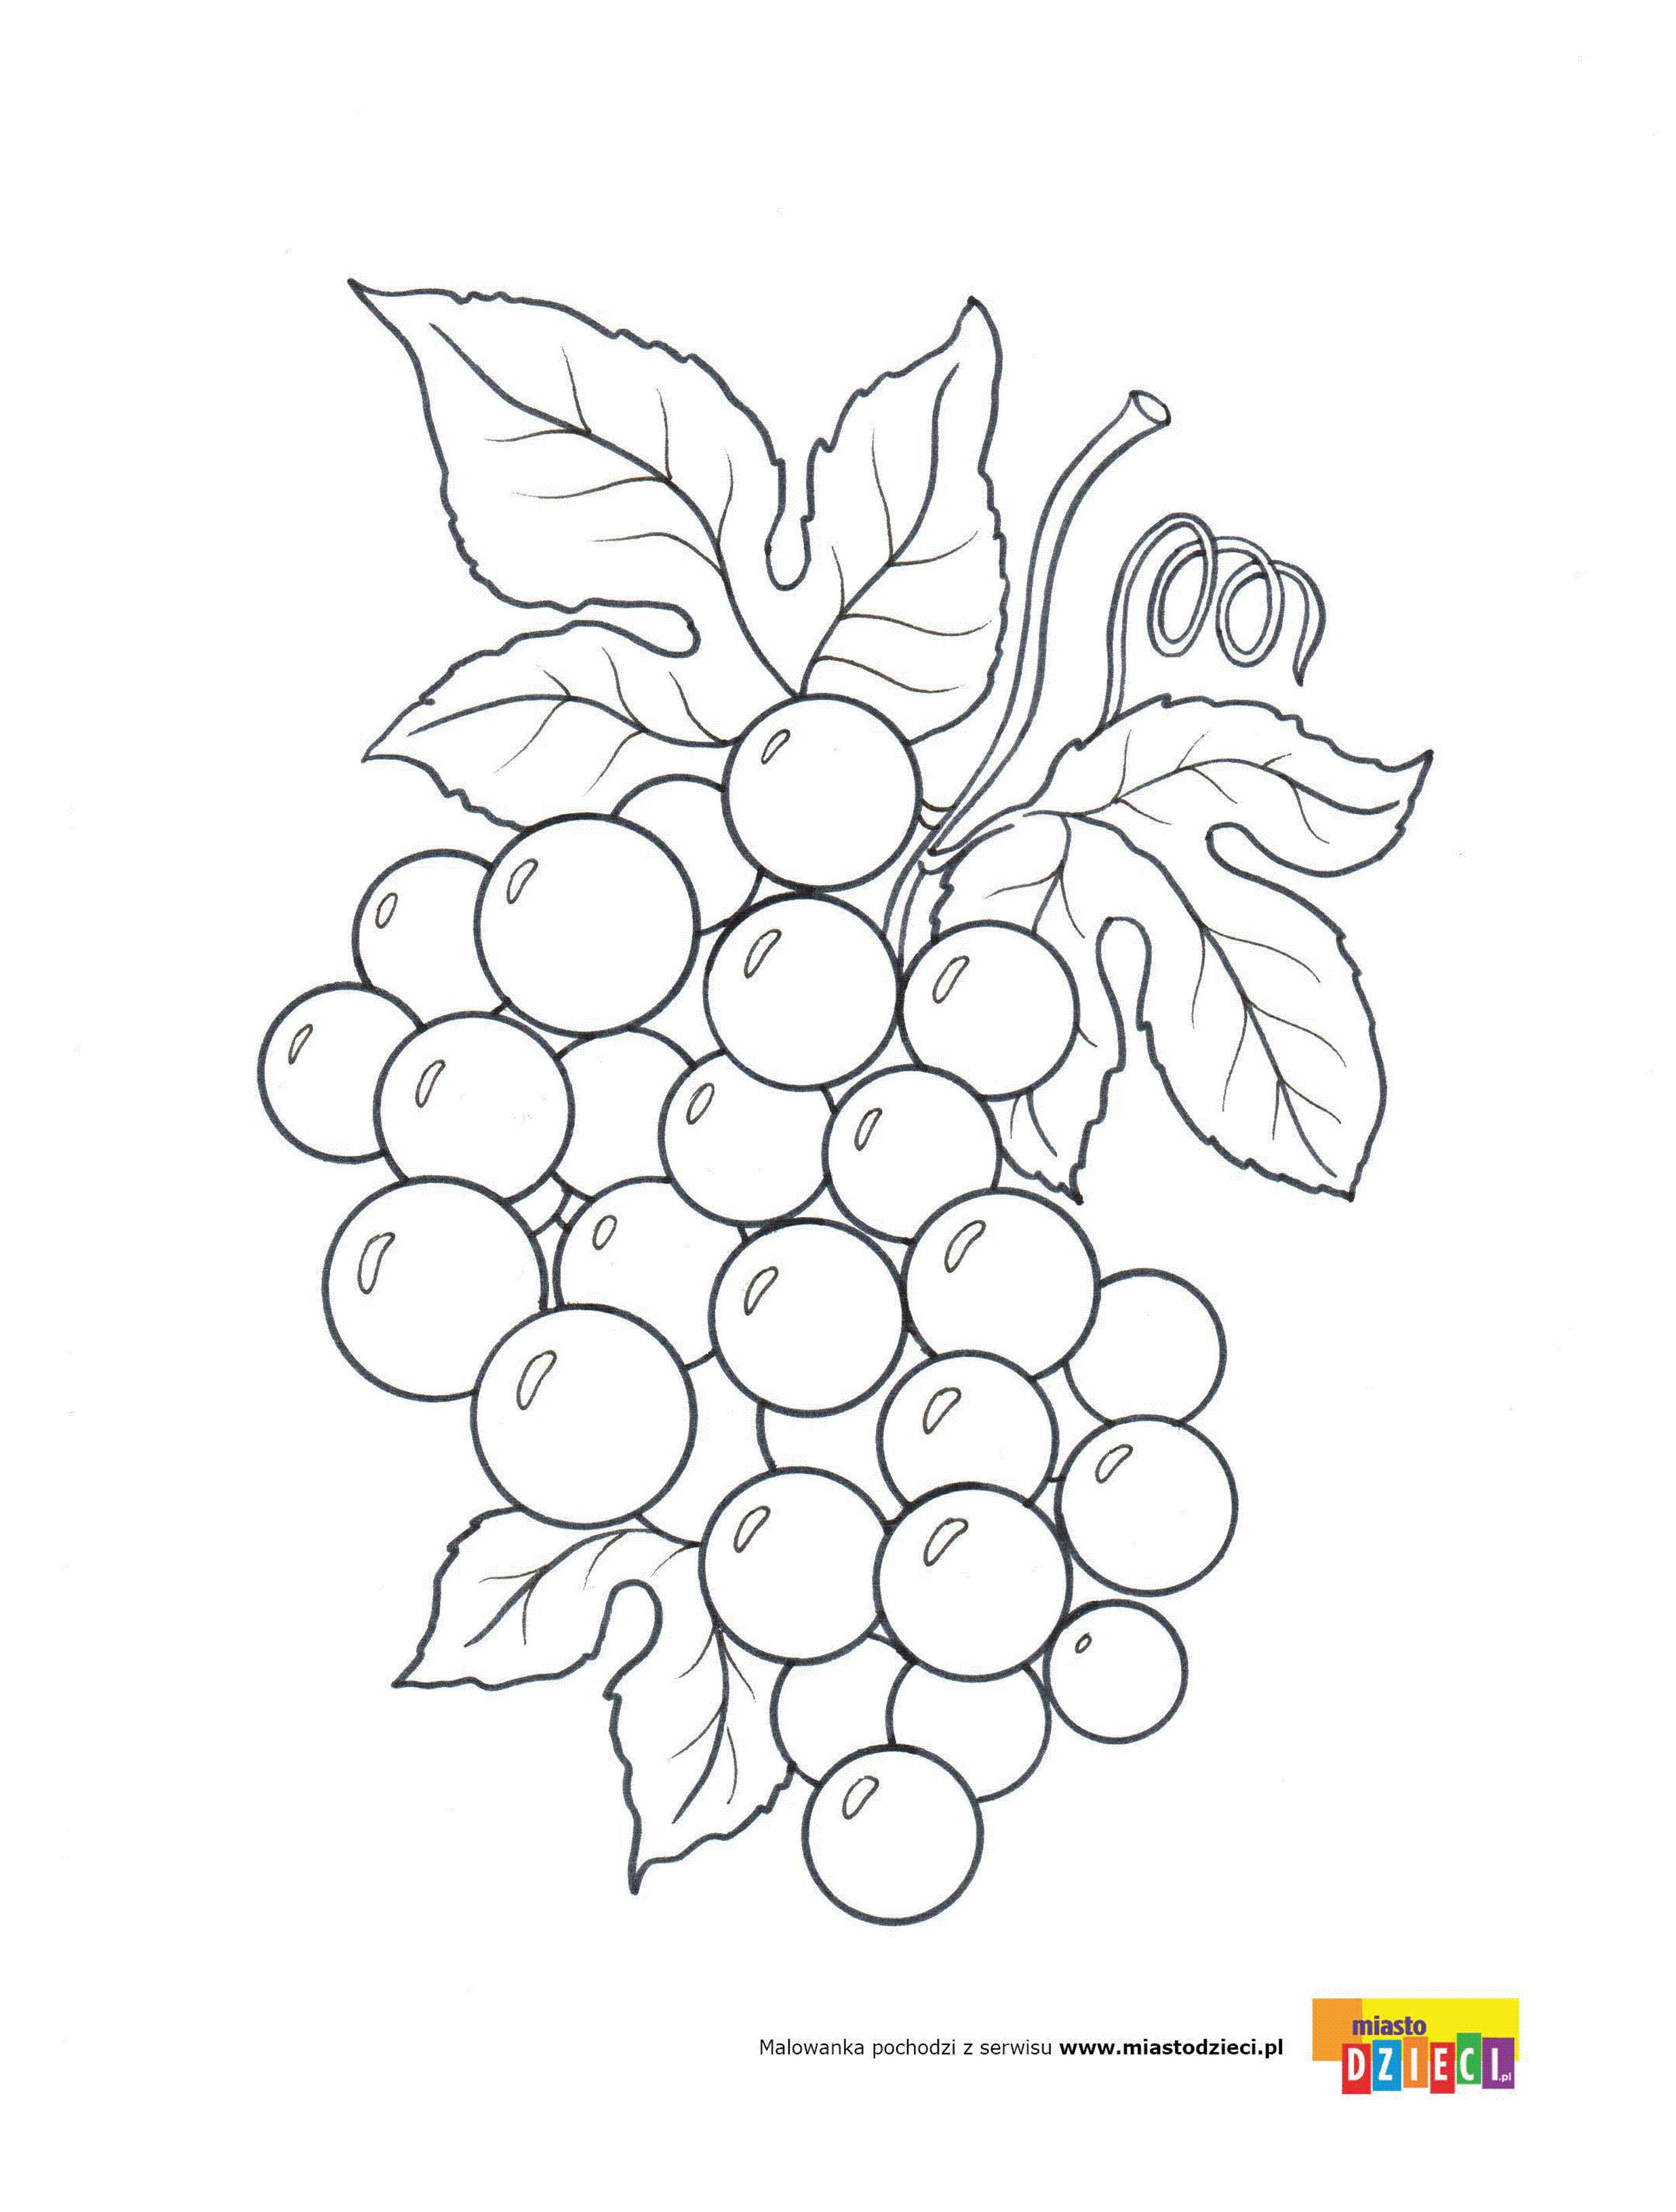 Winogrona Kolorowanki Malowanki Dla Dzieci Do Drukowania Poppy Wall Art Coloring Pages Coloring Books